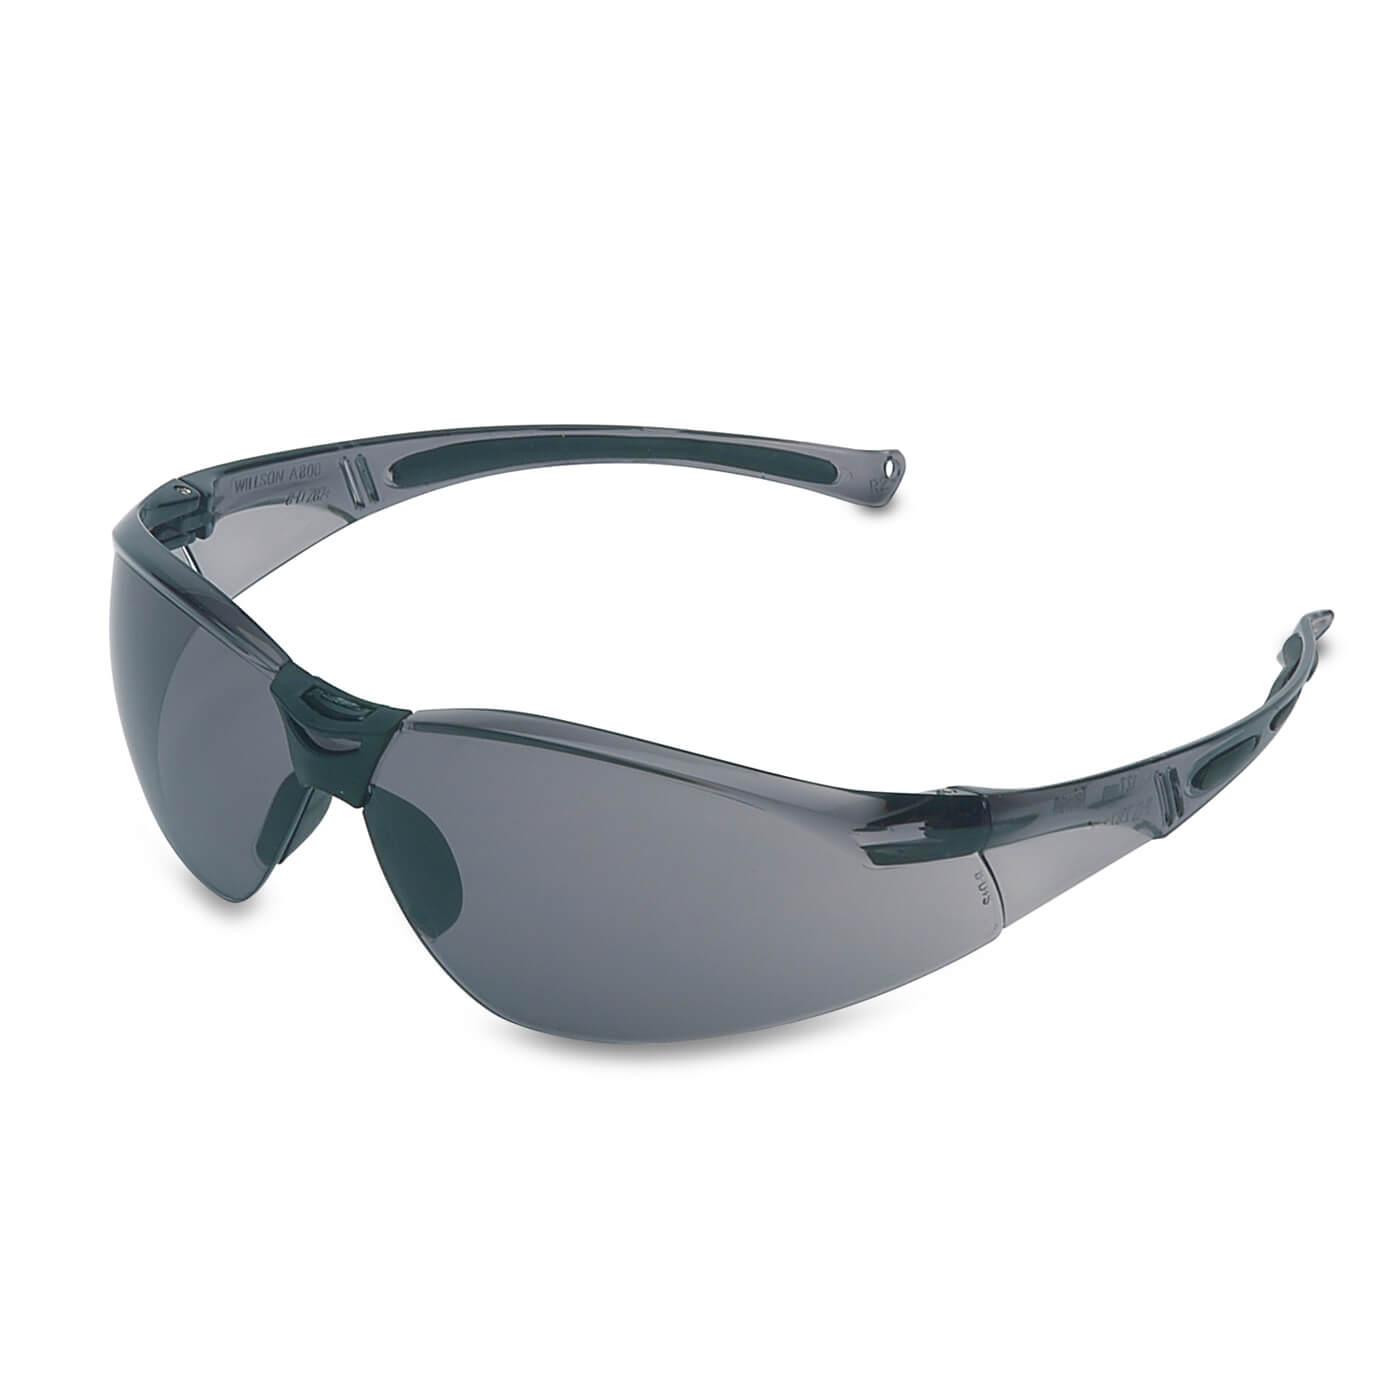 Okulary ochronne A800 1015367 Honeywell przyciemnione soczewki